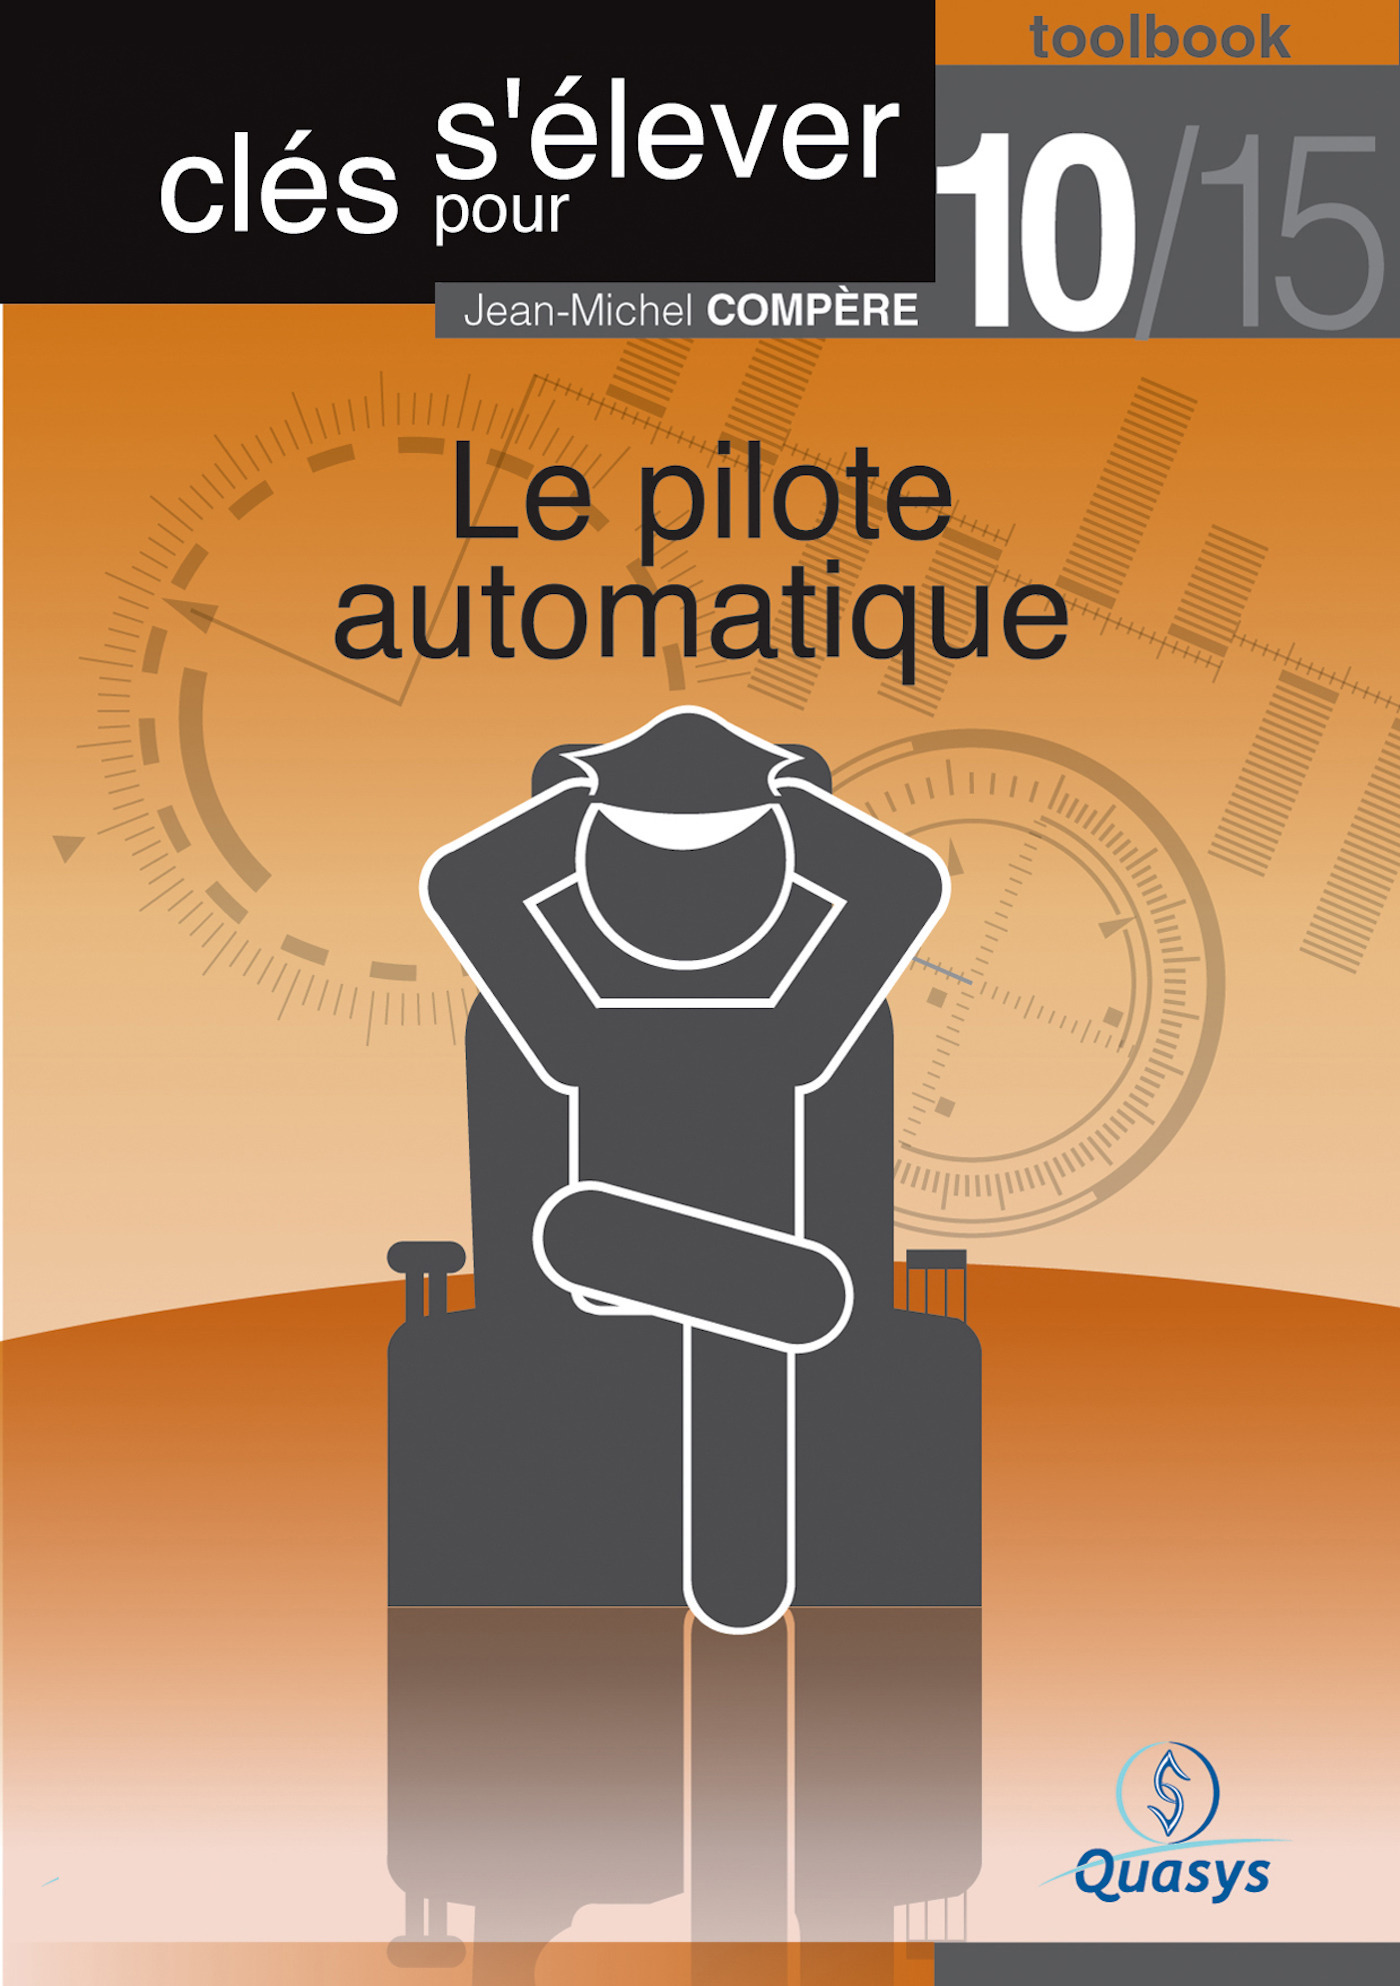 Le pilote automatique (Toolbook 10/15